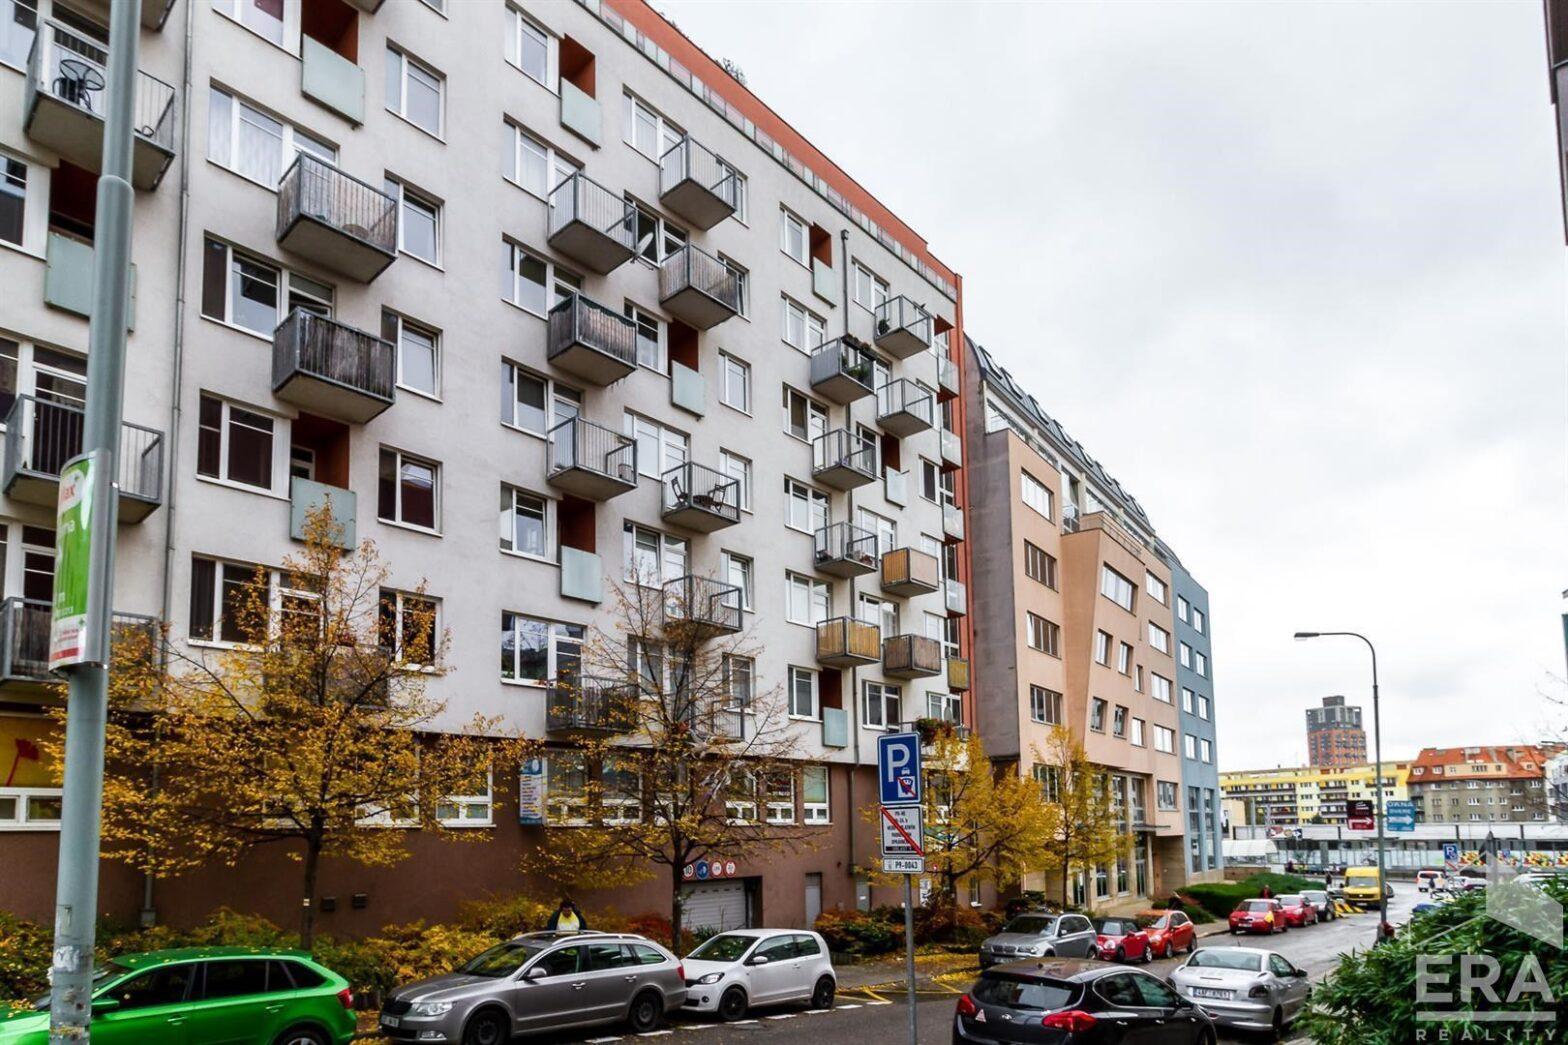 Pronájem bytu 2+kk/L + garážové stání, Paříkova, Praha 9 – Vysočany